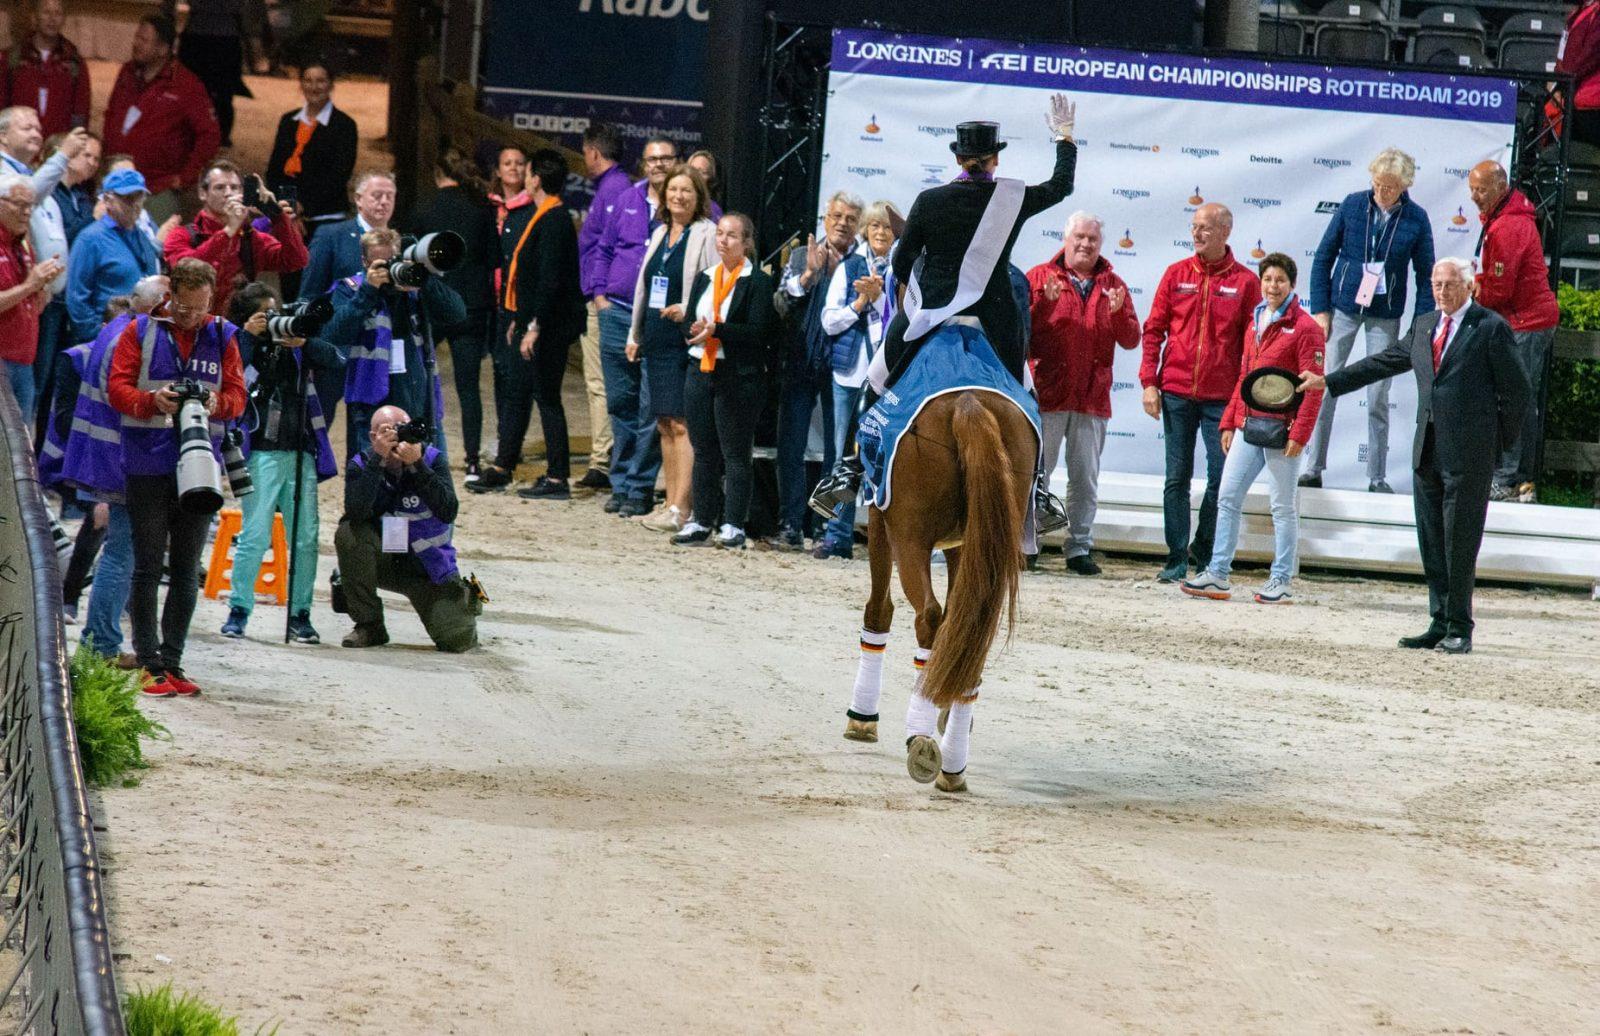 Isabell Werth auf dem Weg aus der Arena